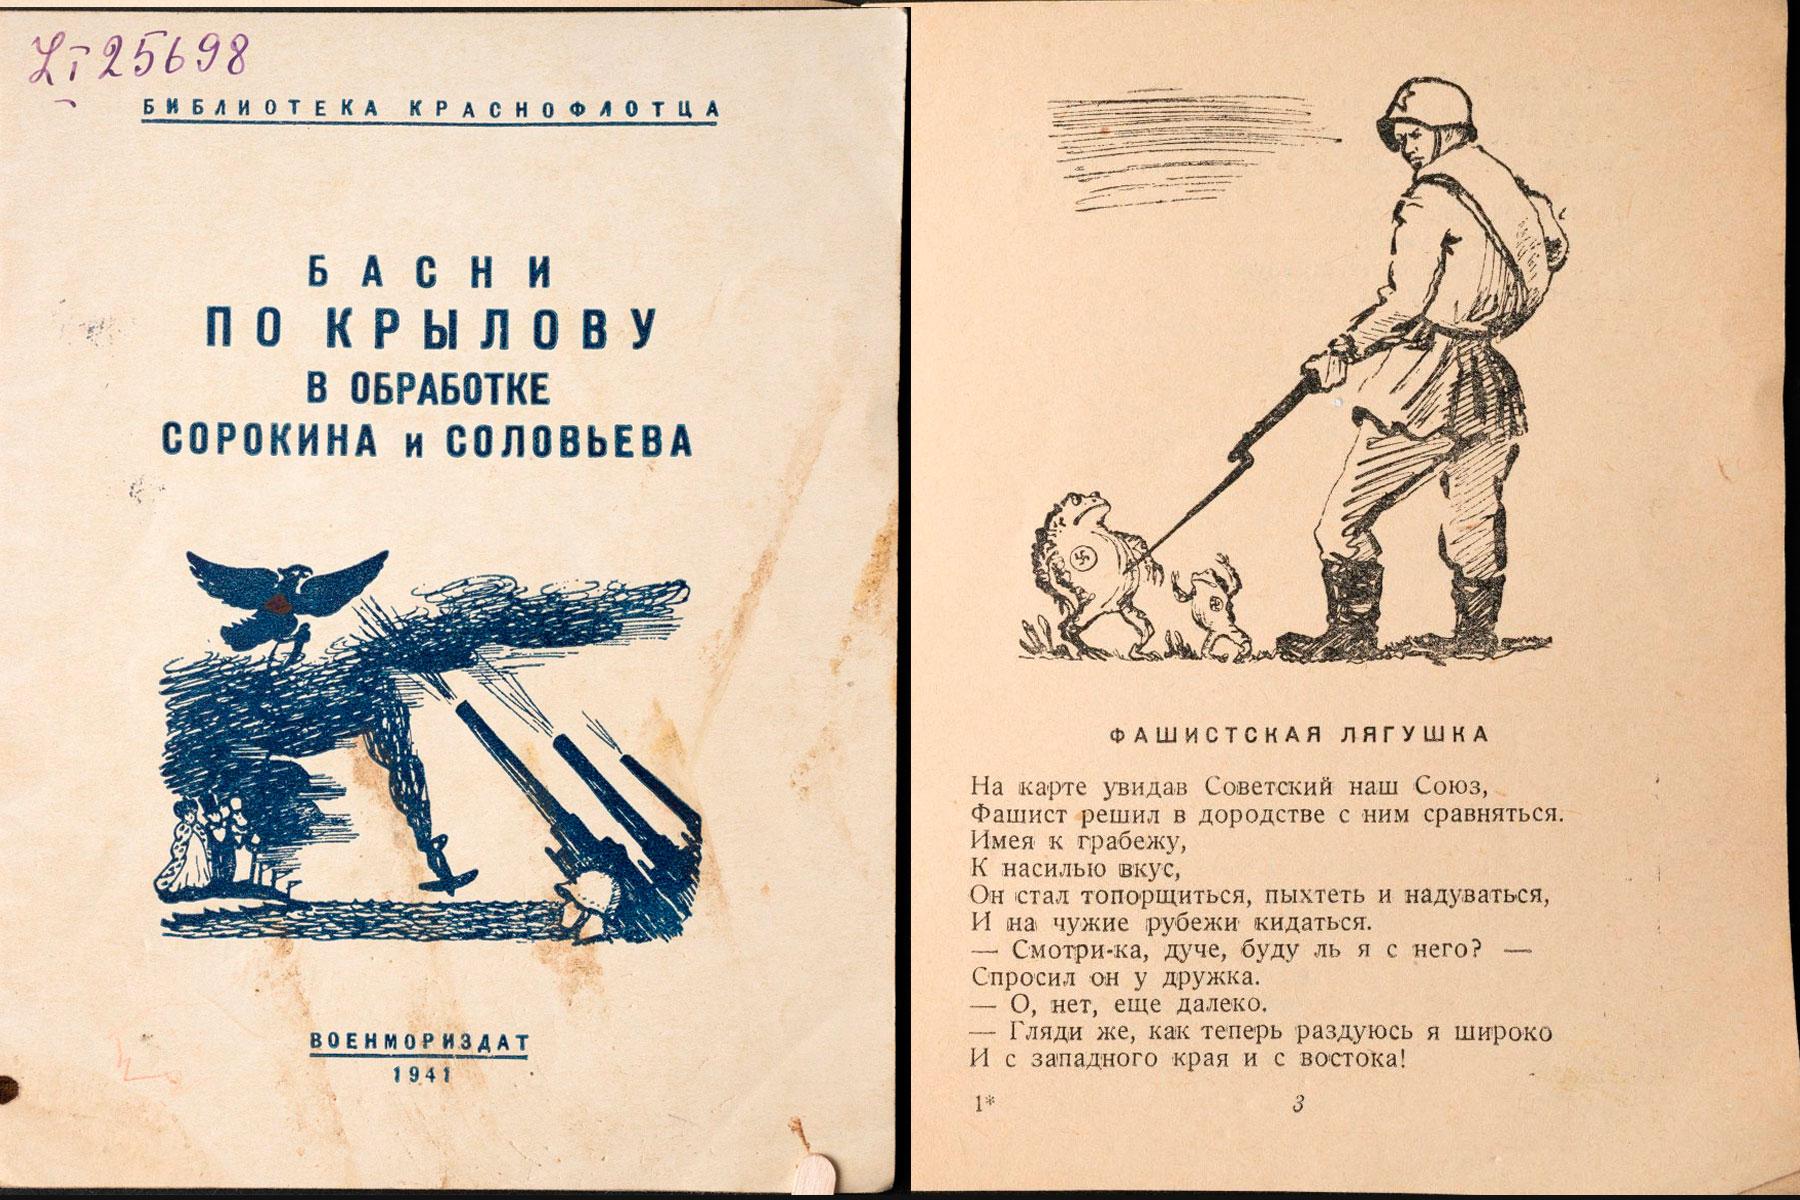 В «Баснях по Крылову в обработке Сорокина и Соловьева» изданных Военмориздатом в 1941 году высмеивались немецкие завоеватели и звучали призывы к победе над врагом